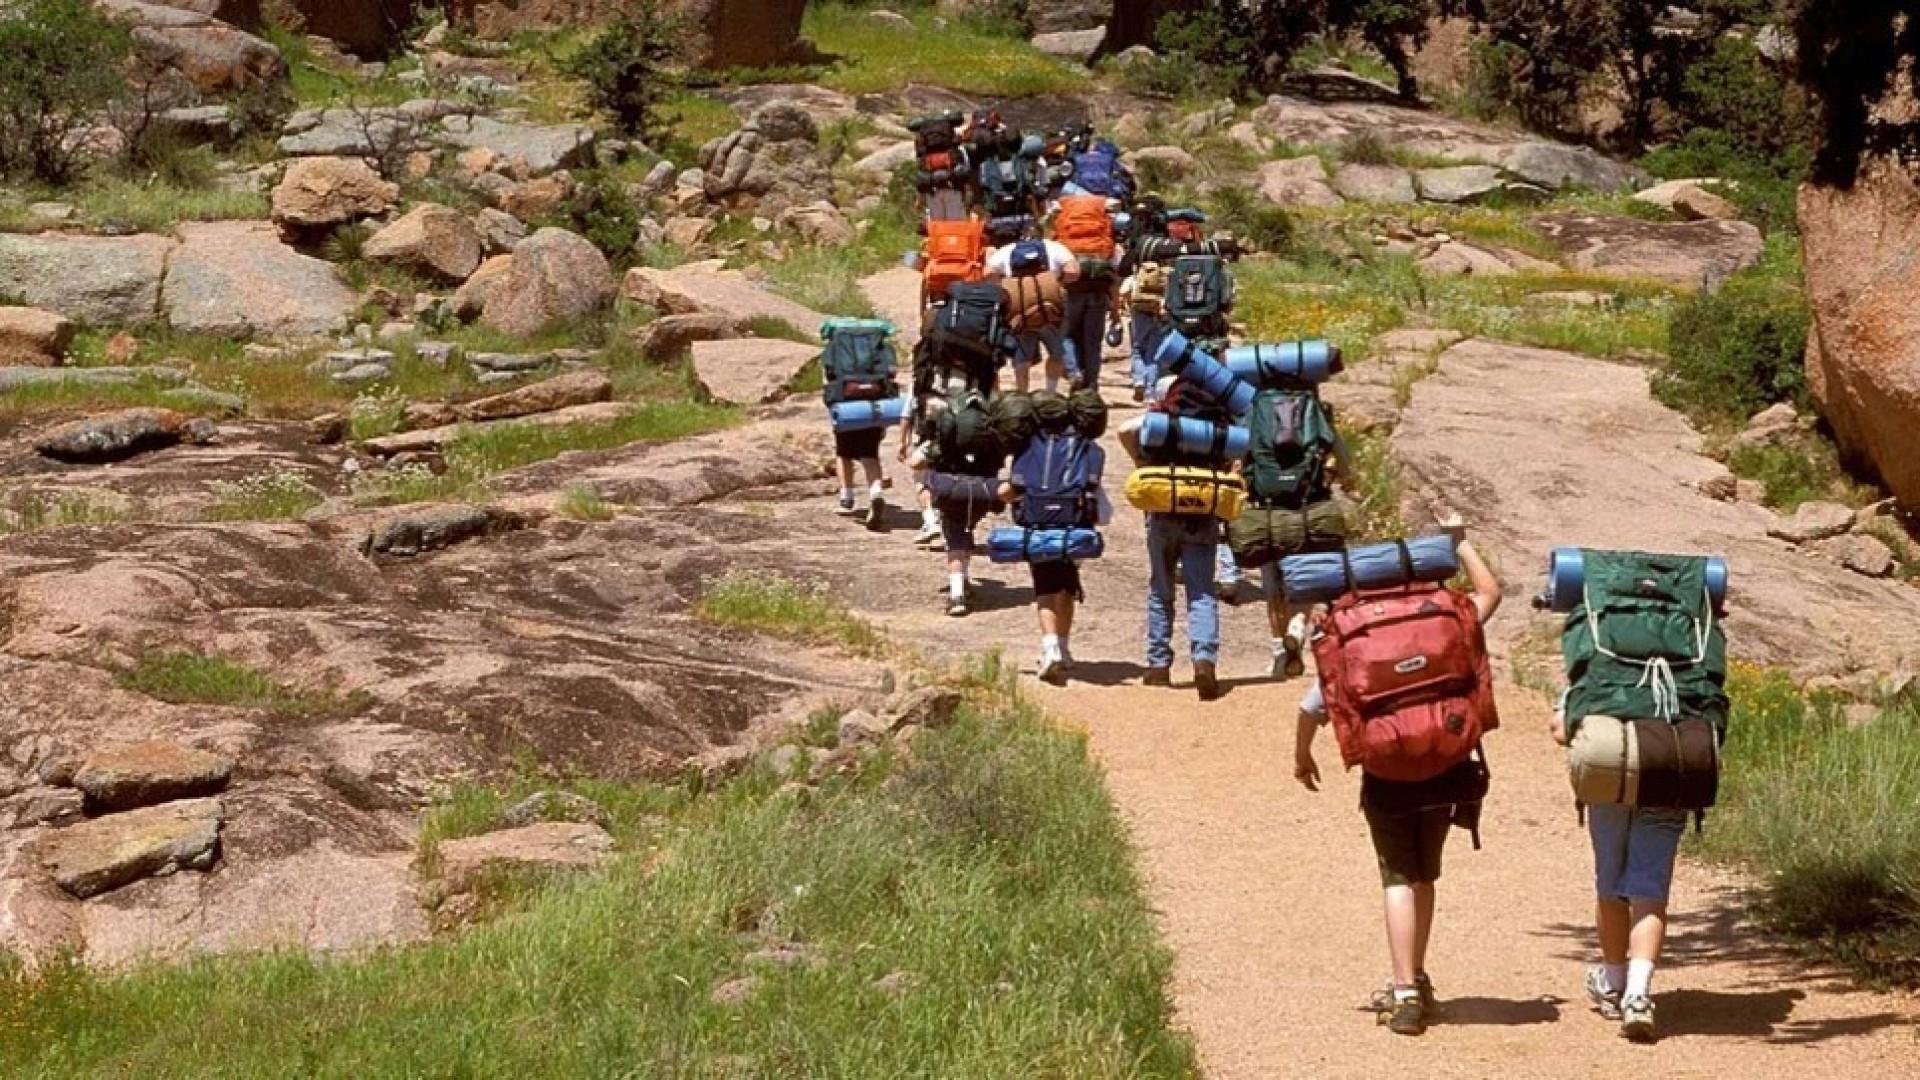 33 вещи, которые нужно взять с собой в поход